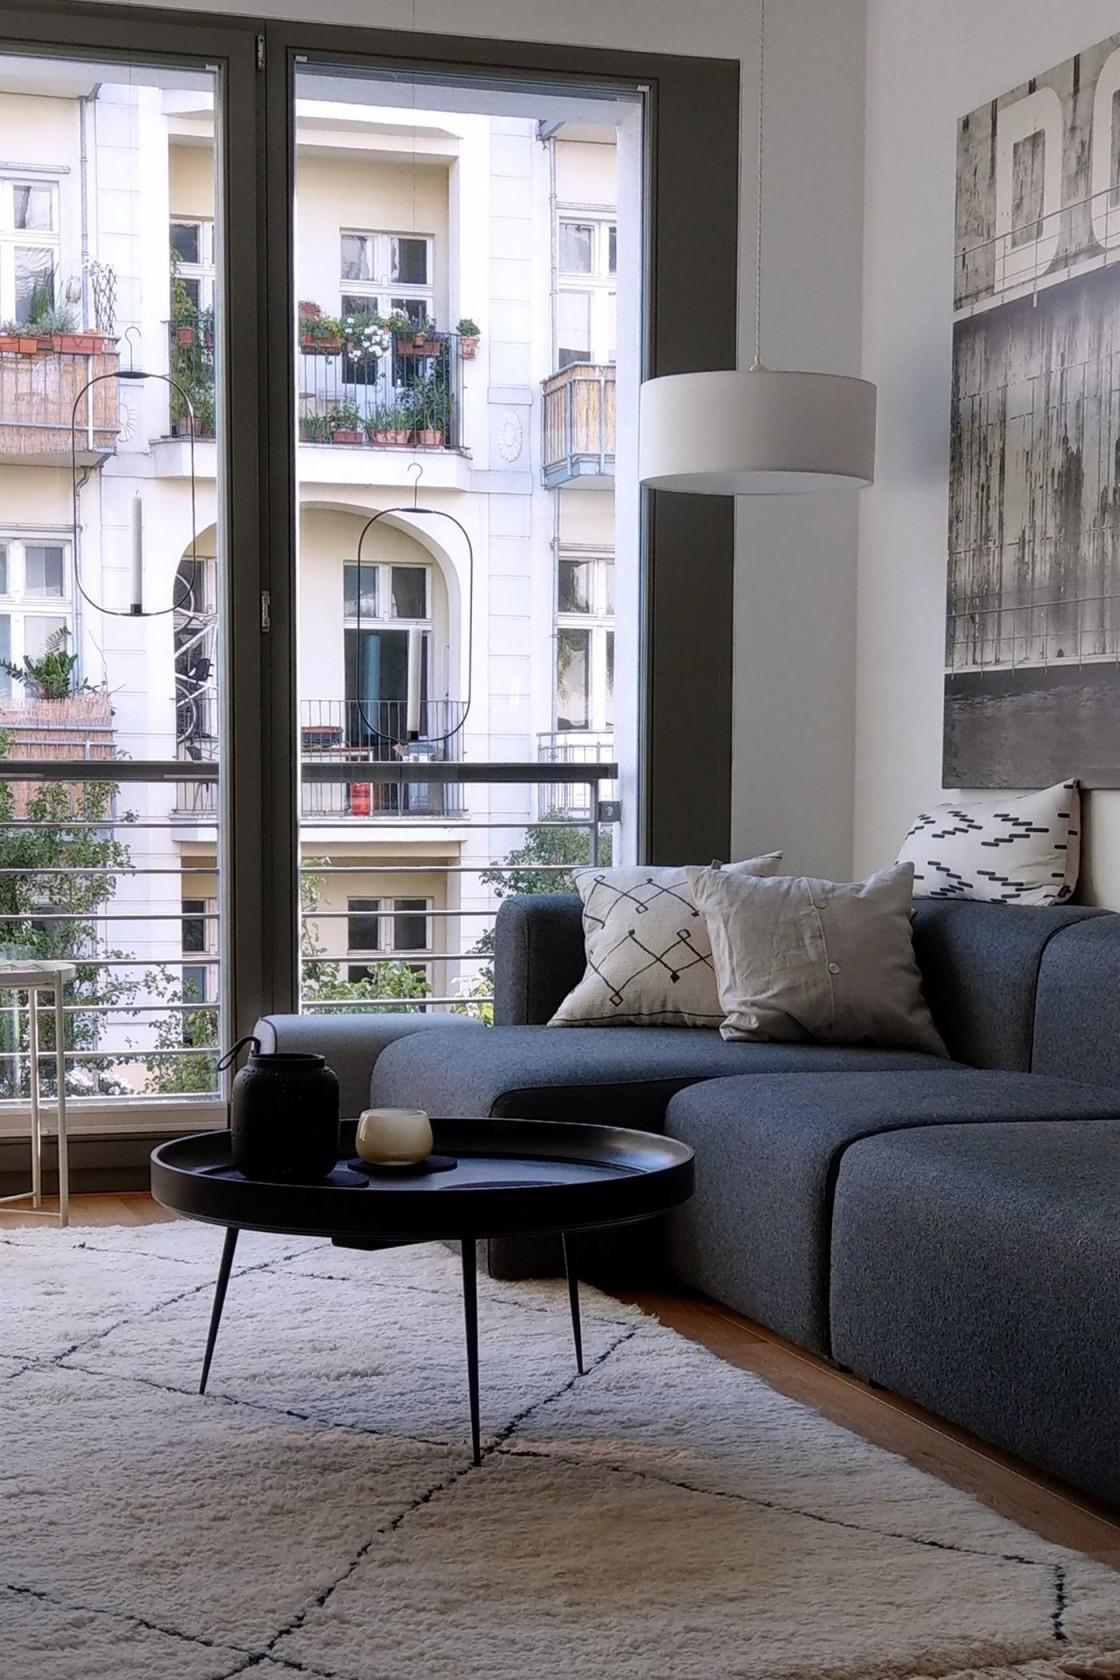 Wohnzimmer Die Schönsten Ideen von Gemütliches Wohnzimmer Einrichten Photo